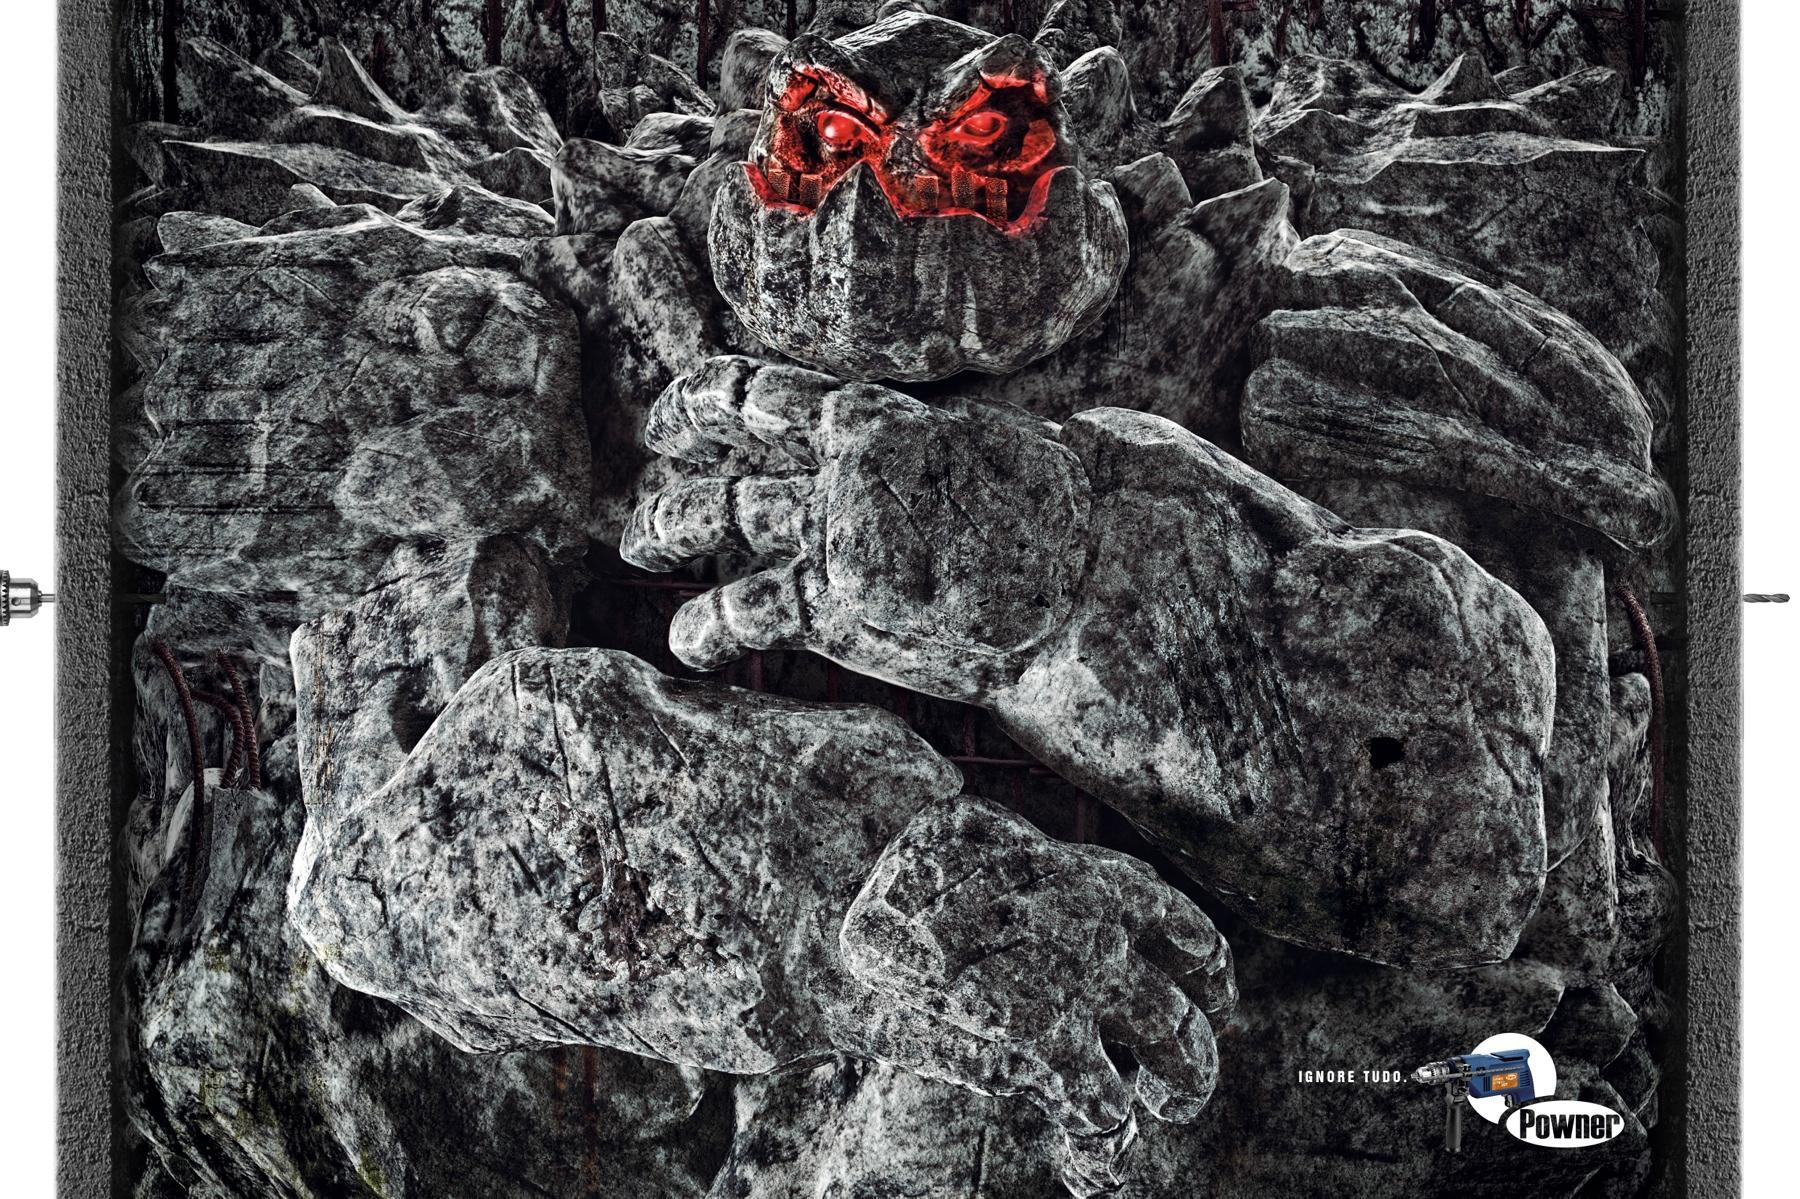 Powner Print Ad -  Monster